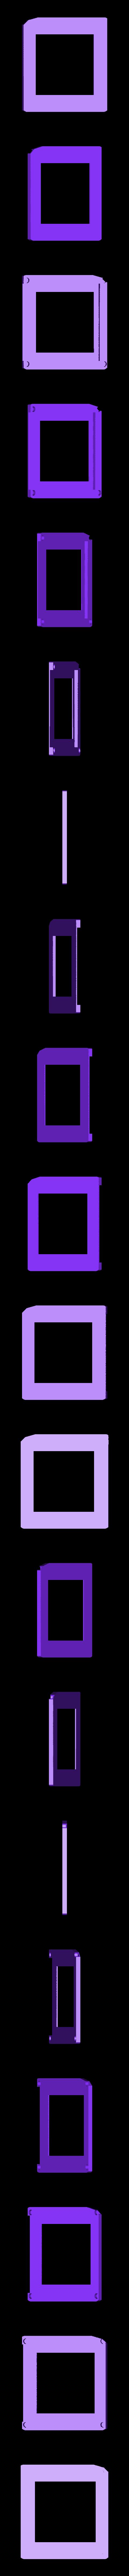 Gameboy_Nano_face_plate2.stl Télécharger fichier STL gratuit Pi Zero - Gameboy NANO • Design imprimable en 3D, Lassaalk